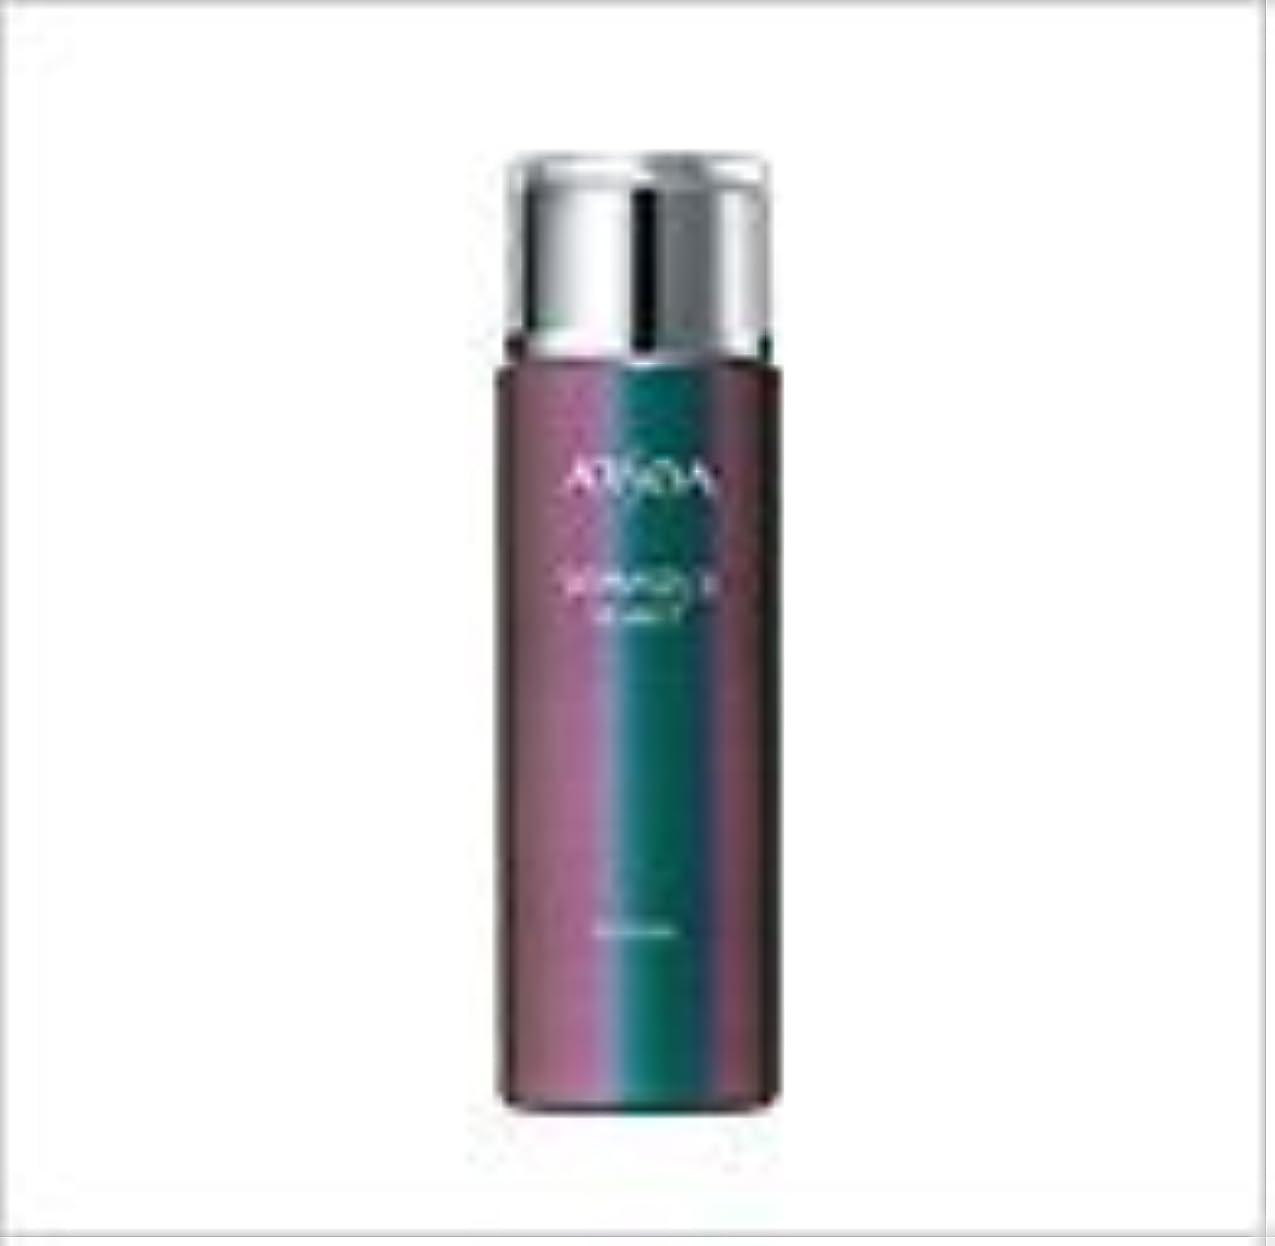 アルソア( ARSOA)ソナディスボーテ  ローション(化粧水) 150ml ラージサイズ [並行輸入品]